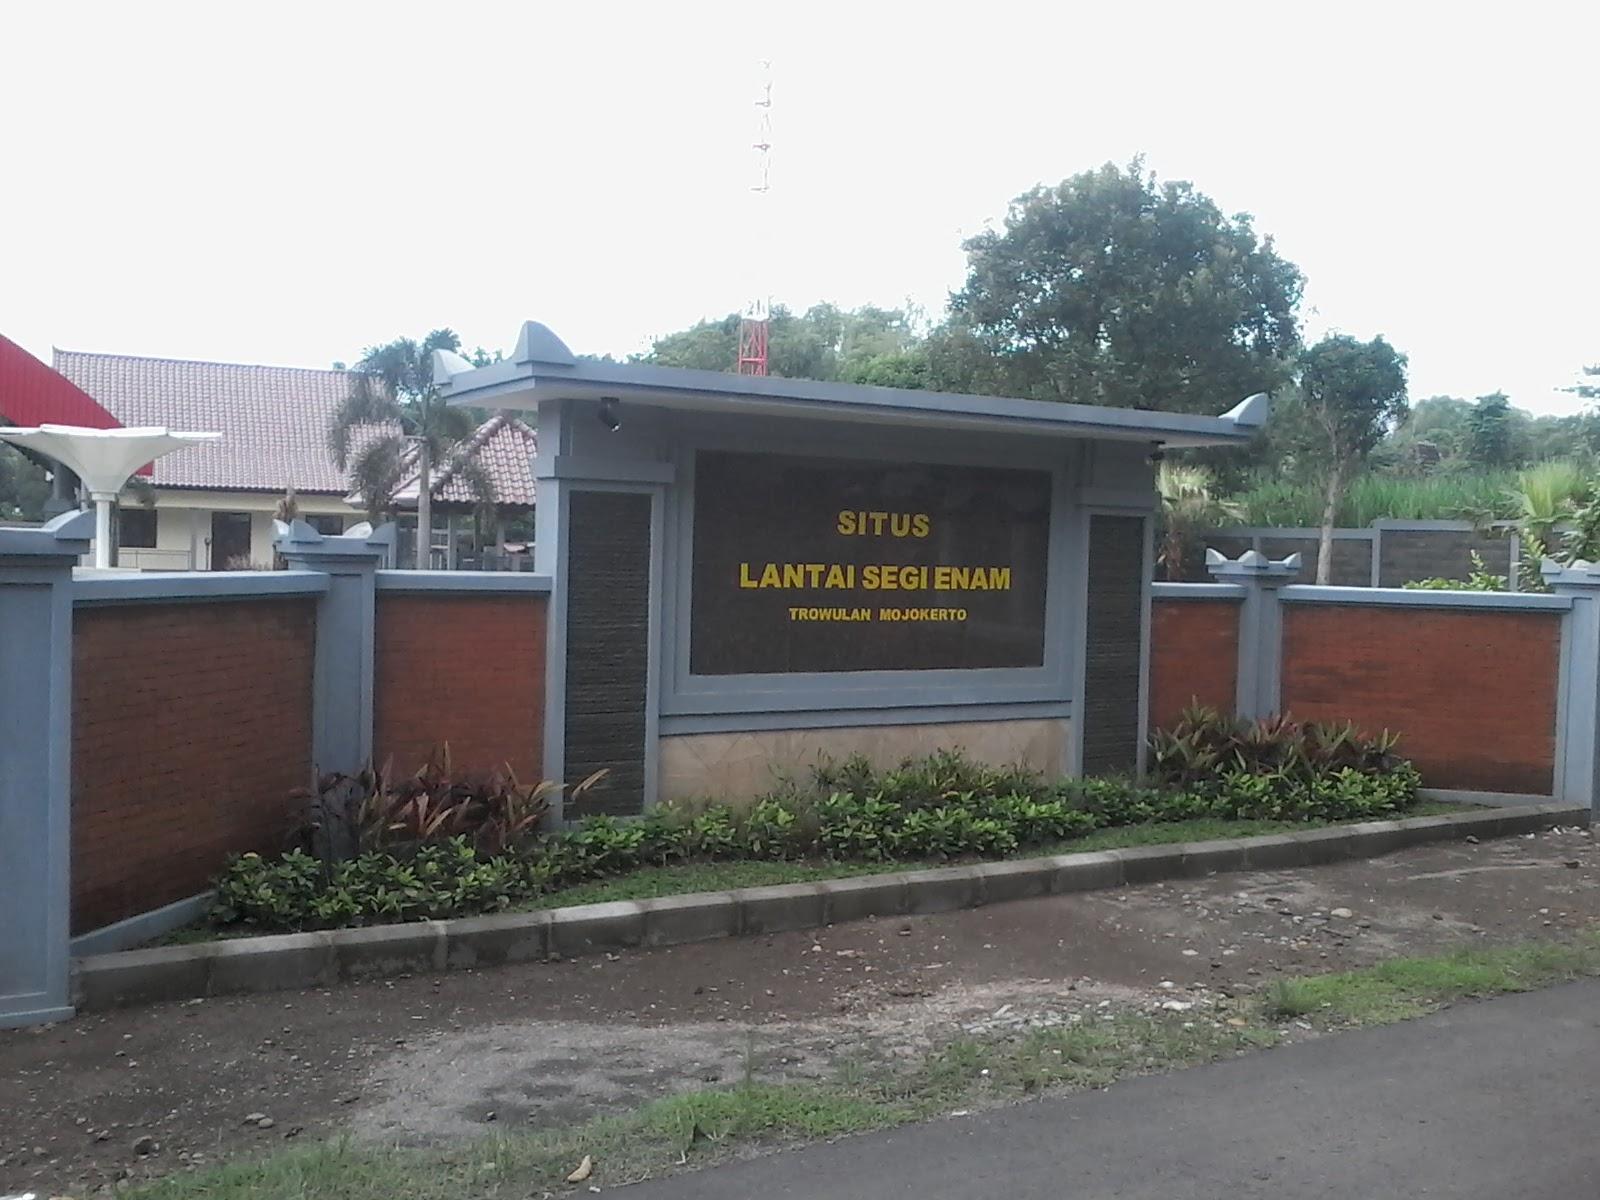 Situs Lantai Segi Enam Balai Pelestarian Cagar Budaya Jawa Timur